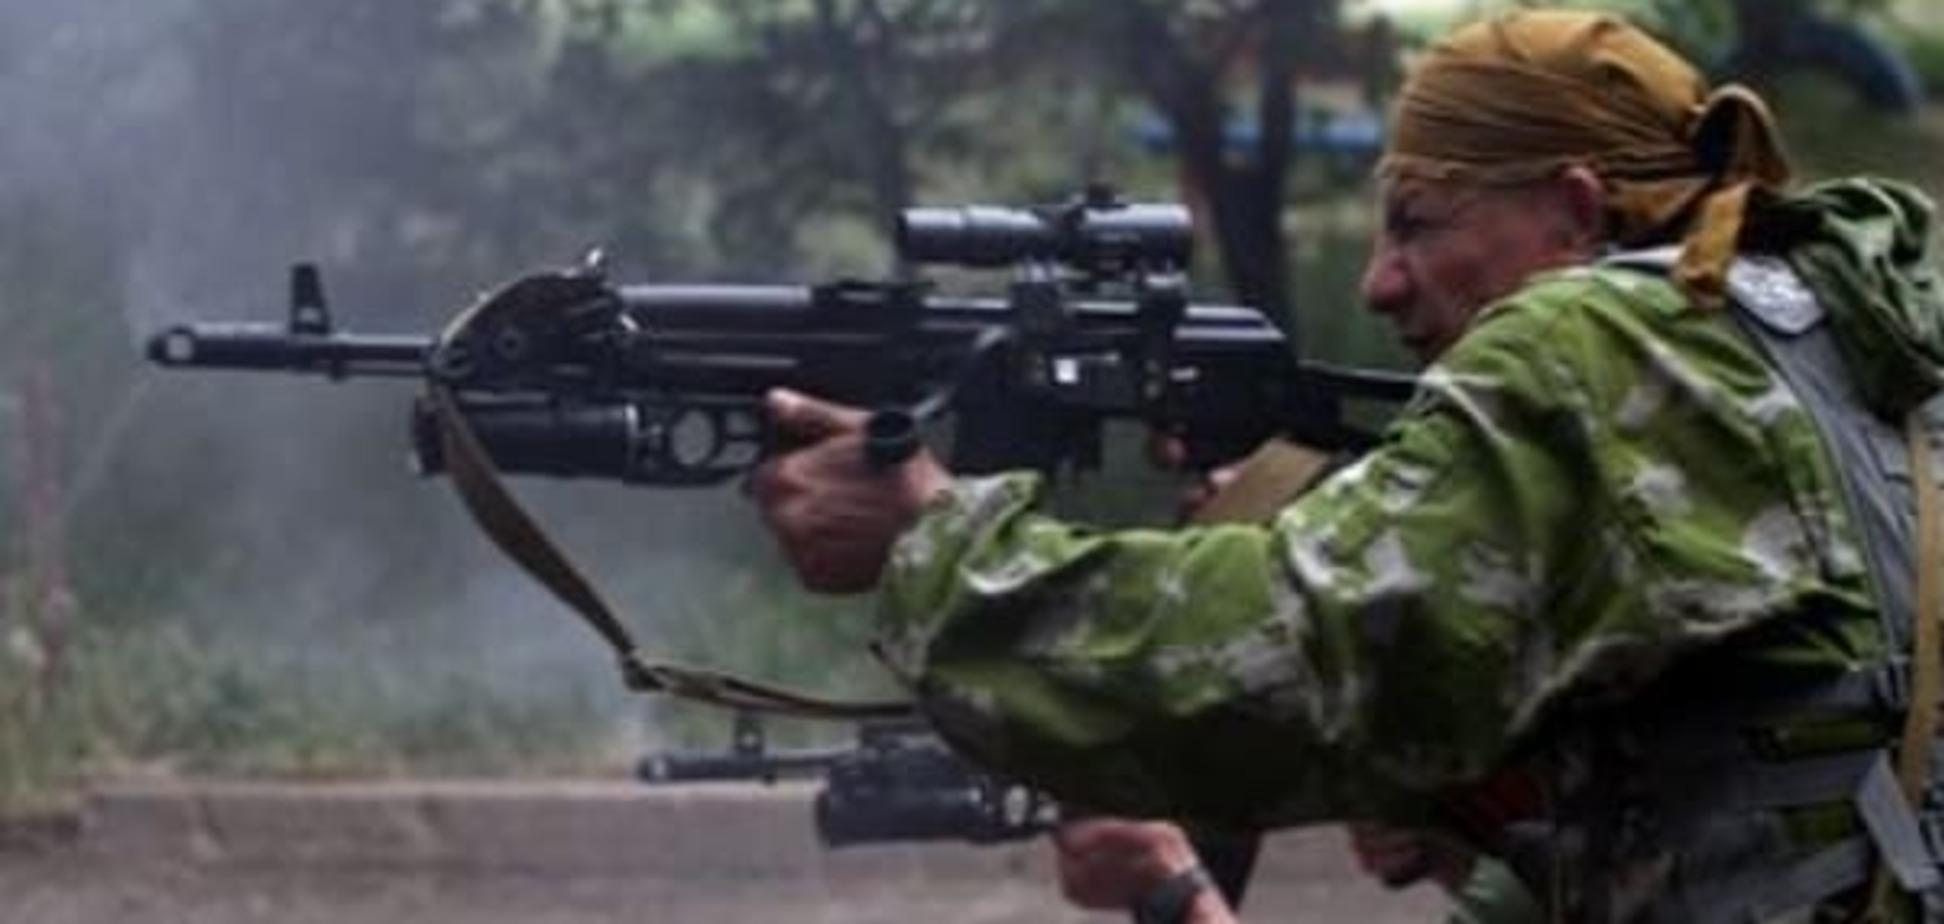 Бій в Донецьку: в смертельній сутичці зійшлися банди терористів - ЗМІ